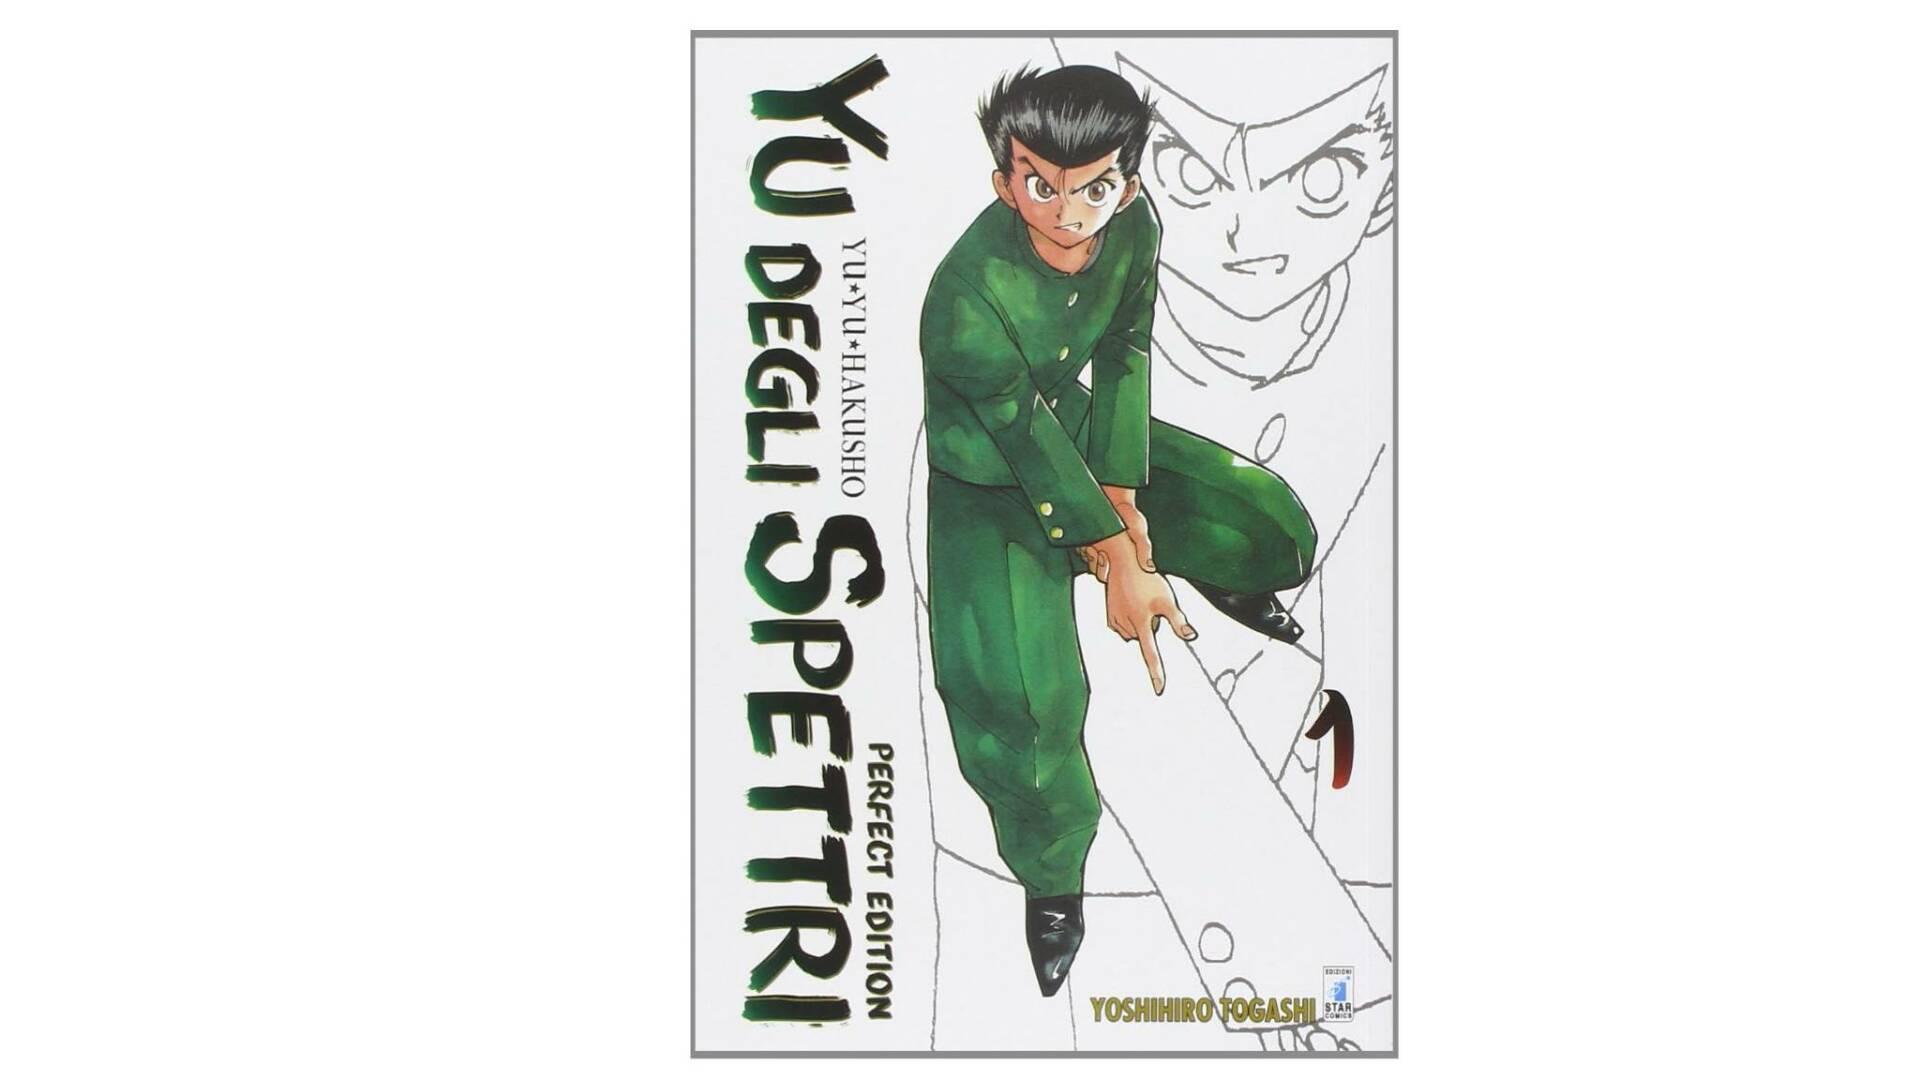 Yu degli Spettri Perfect Edition